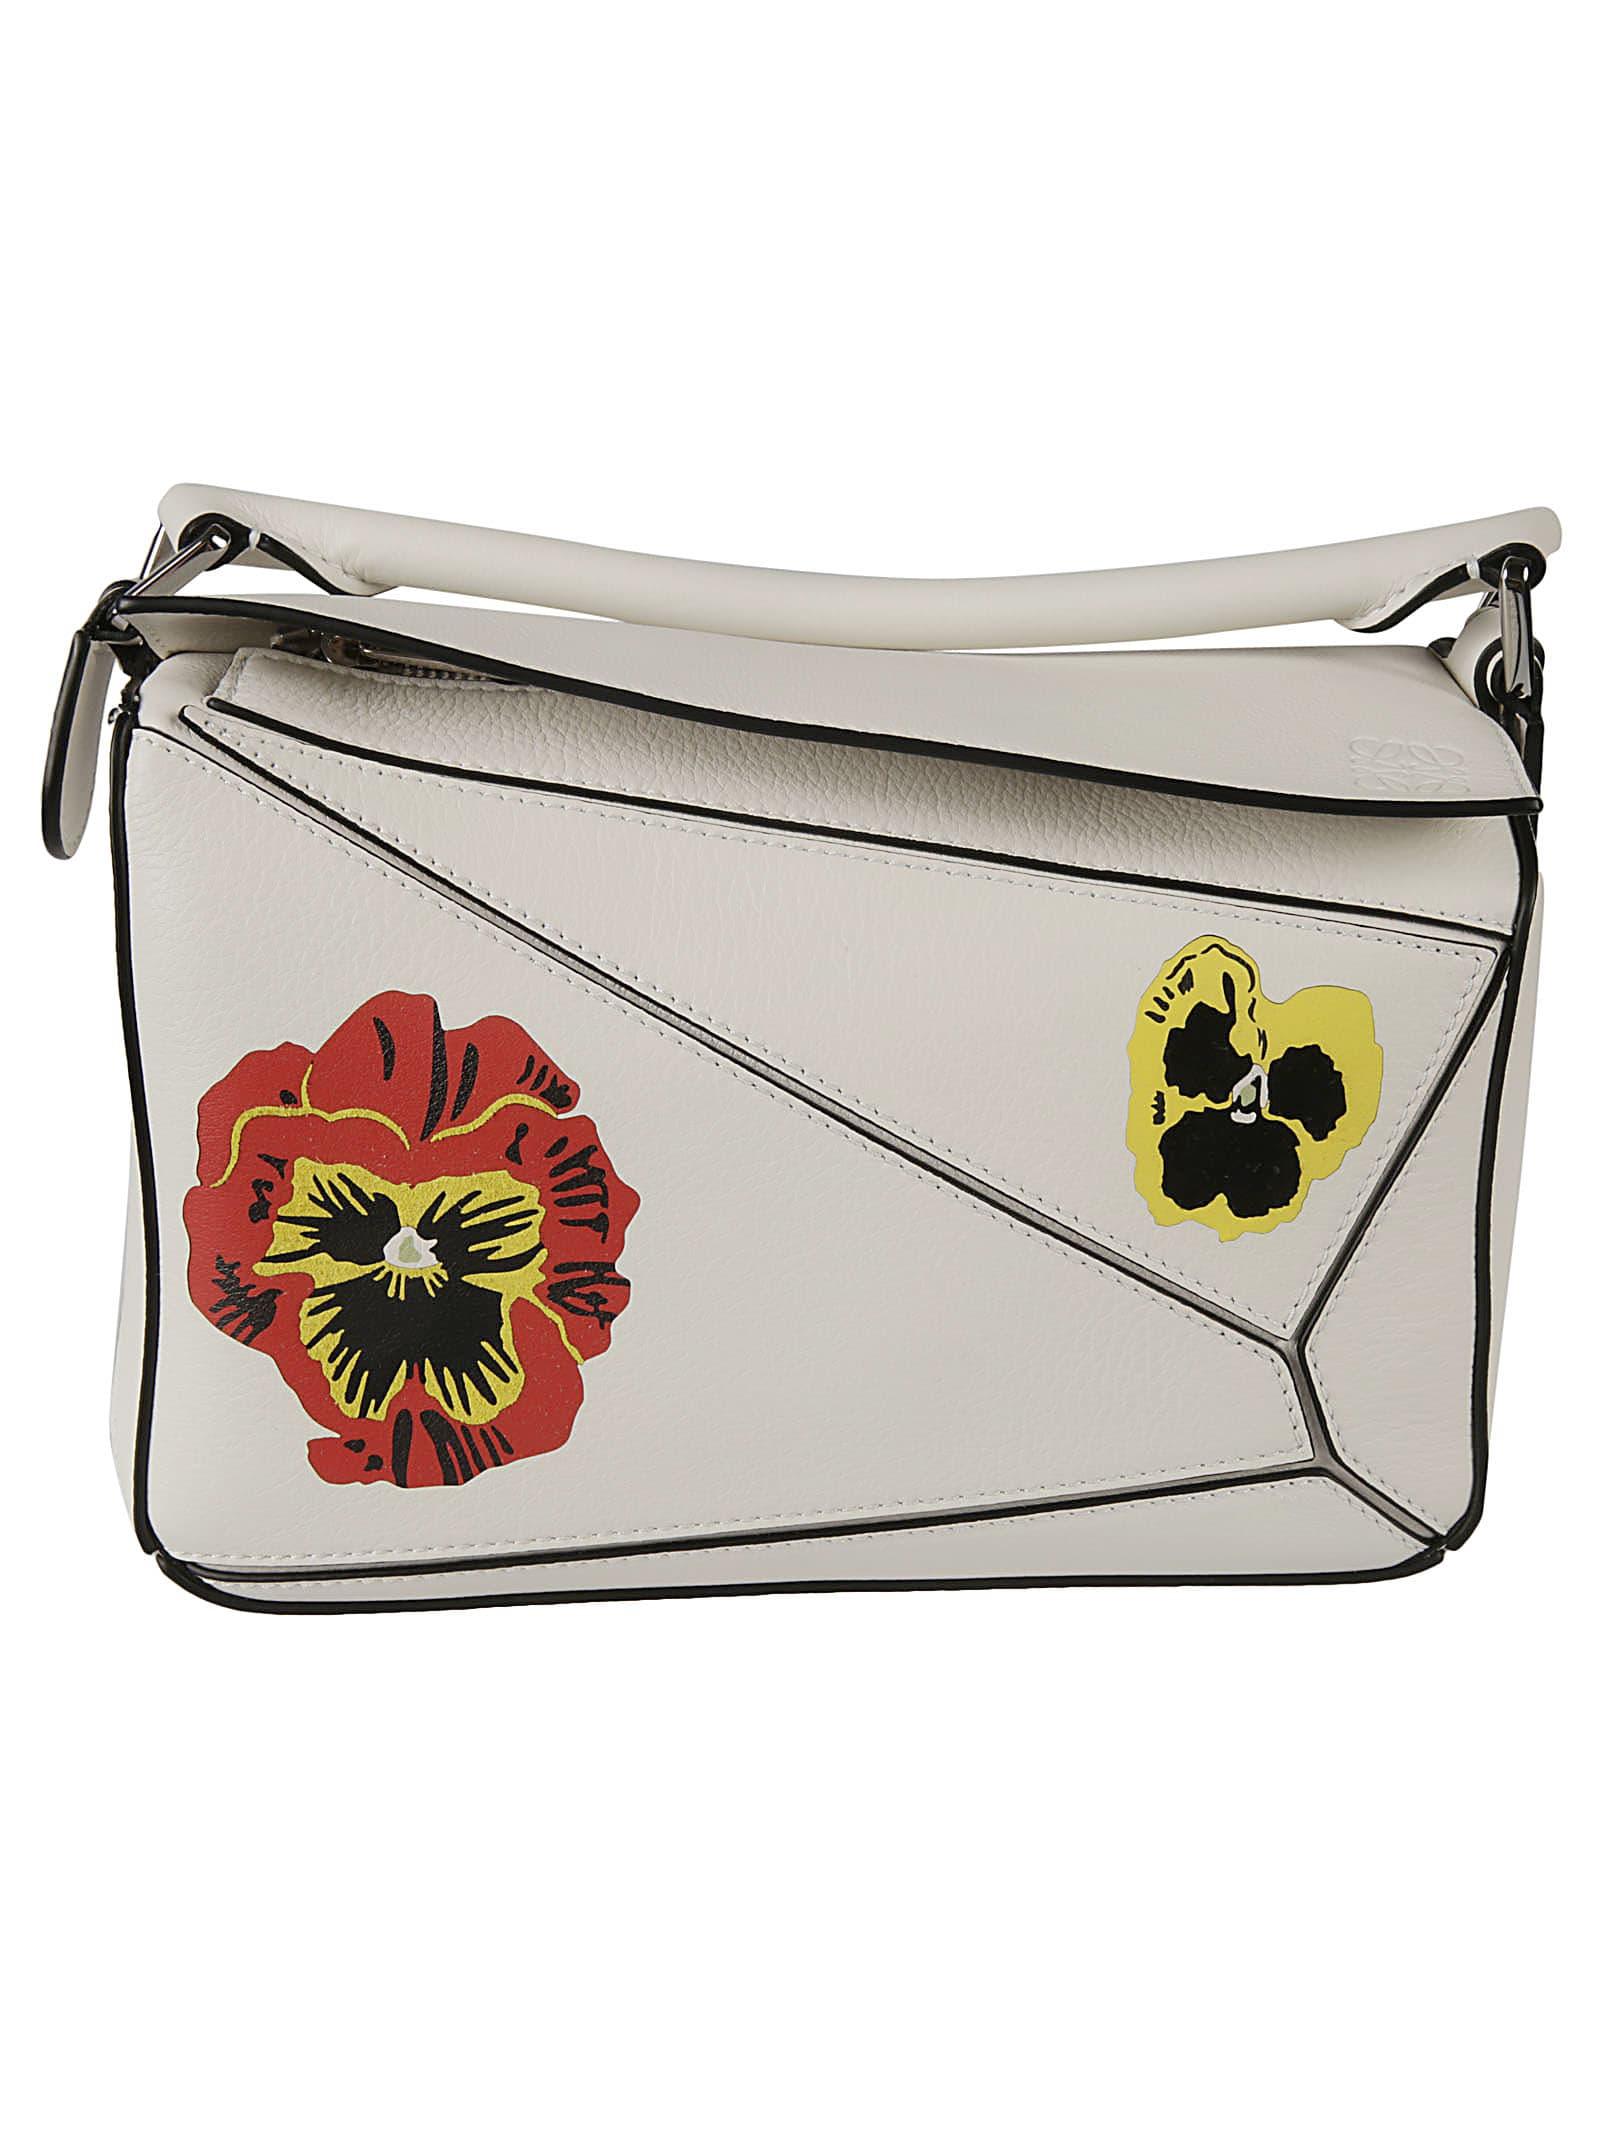 Loewe Floral Print Shoulder Bag